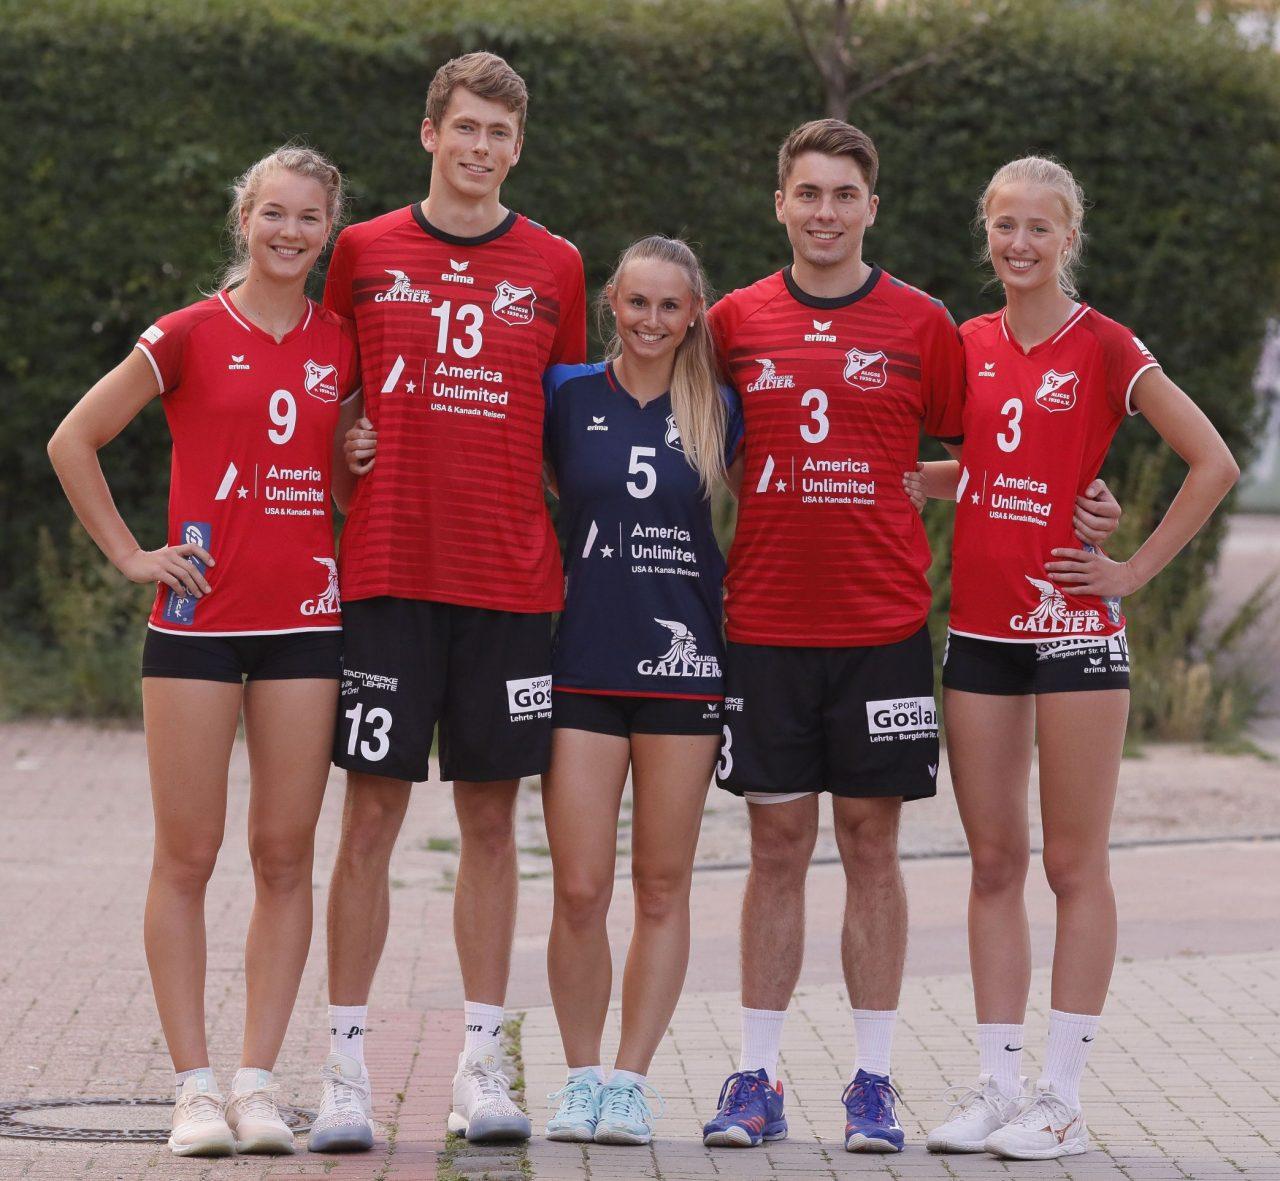 Neue Kräfte und neue Ziele in Aligse – Volleyballteams freuen sich trotz Widrigkeiten auf den Saisonstart